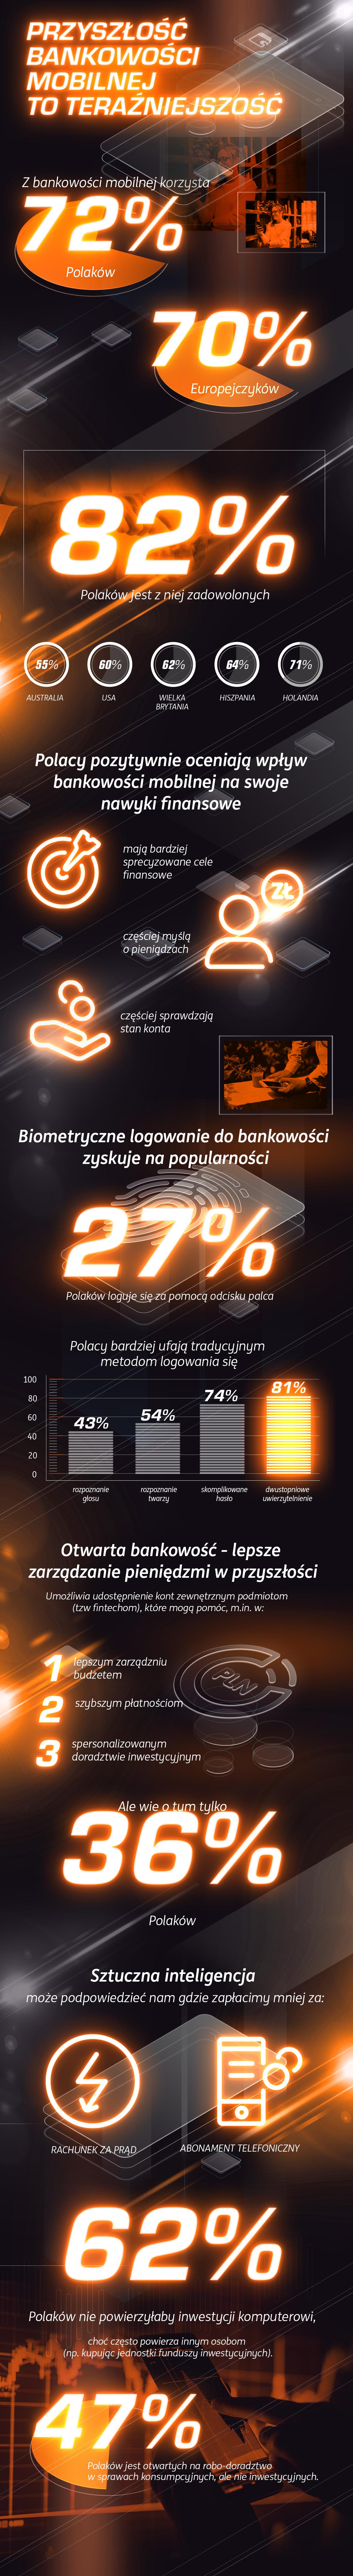 ING - infografika - Przyszłość Bankowości